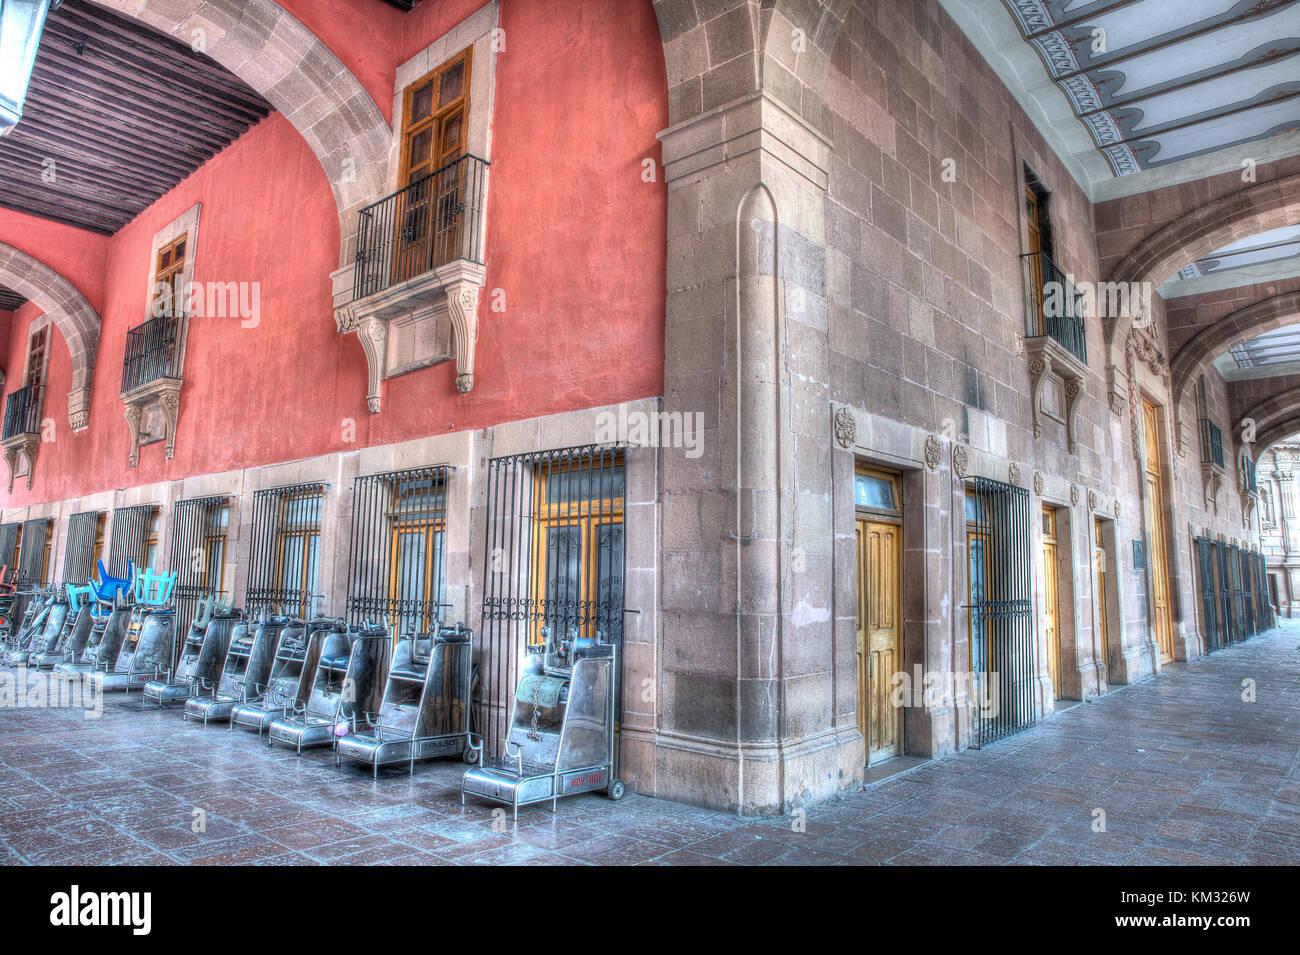 Streets of San Luis Potosi, Mexico - Stock Image